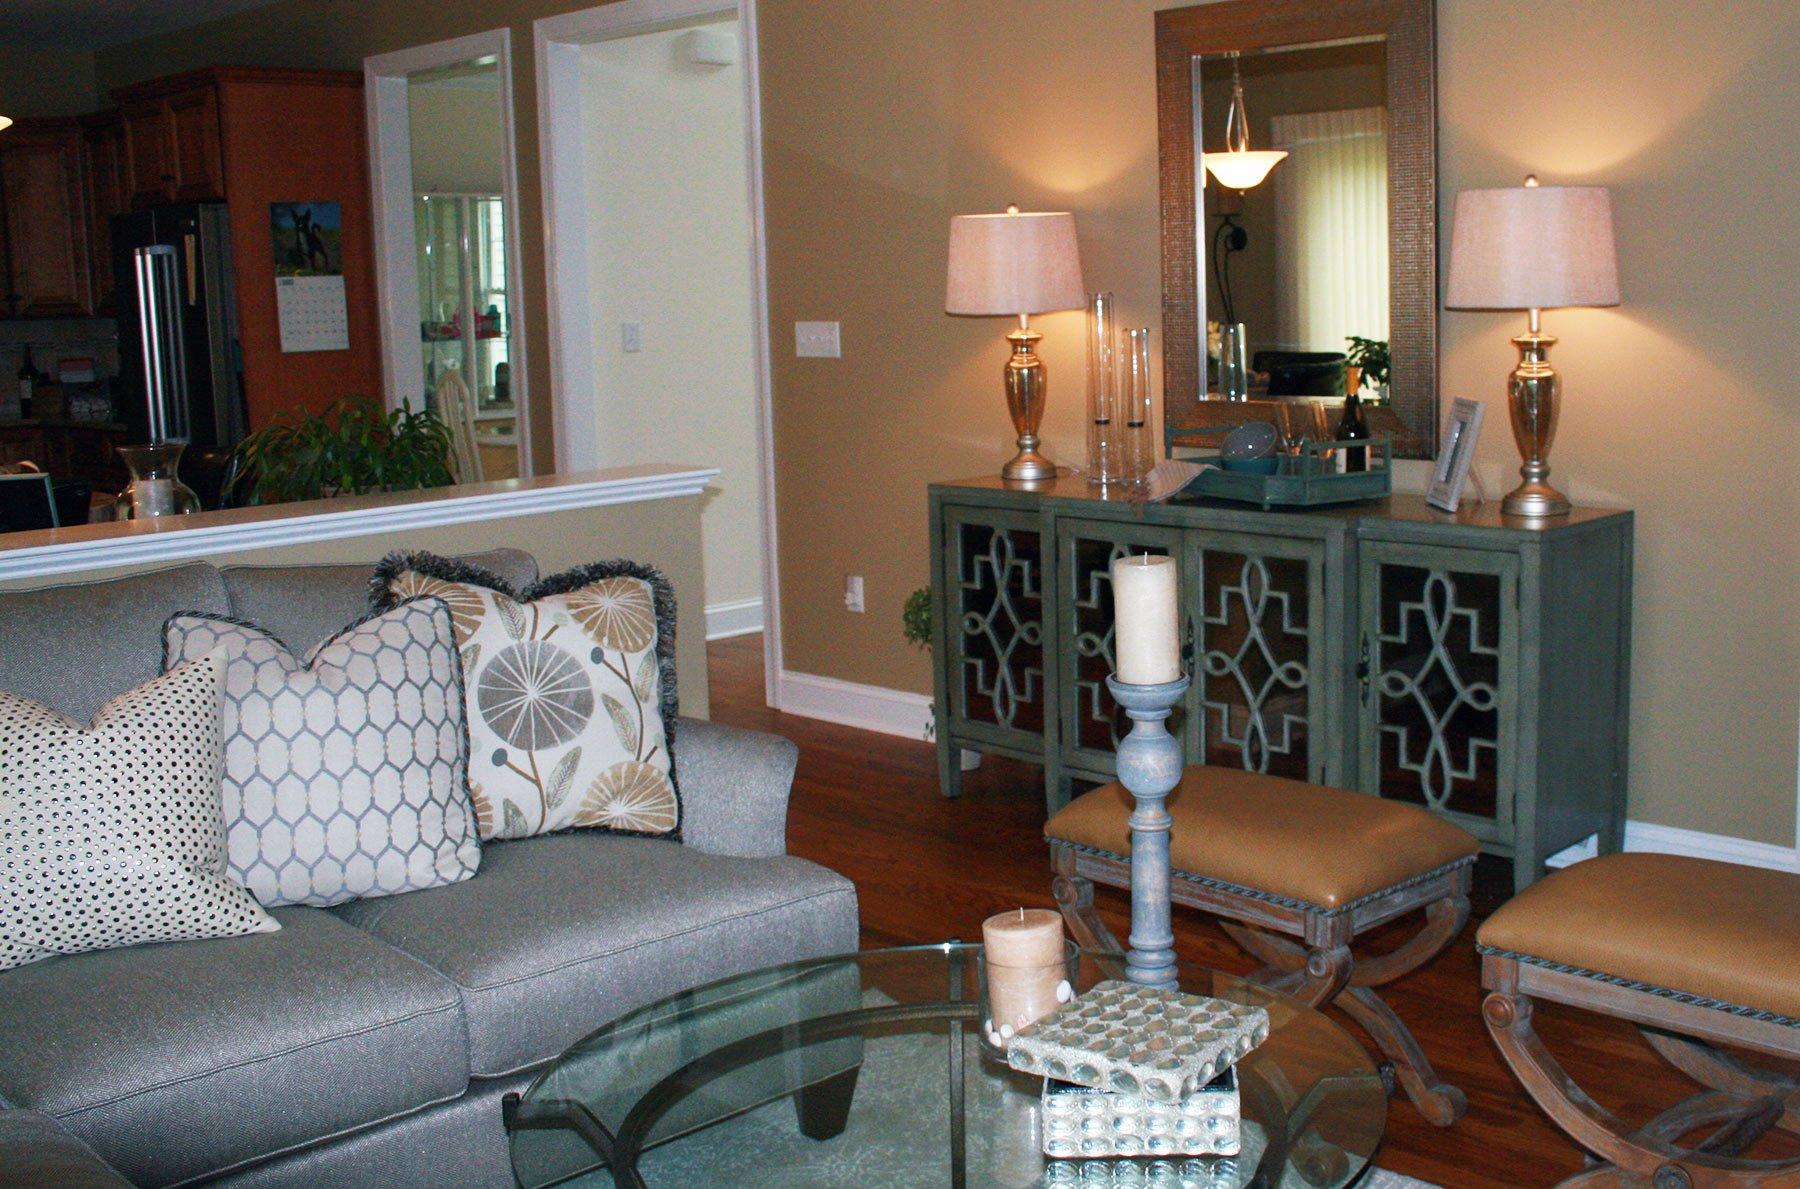 Living Room Interior Designer - Fredon, NJ